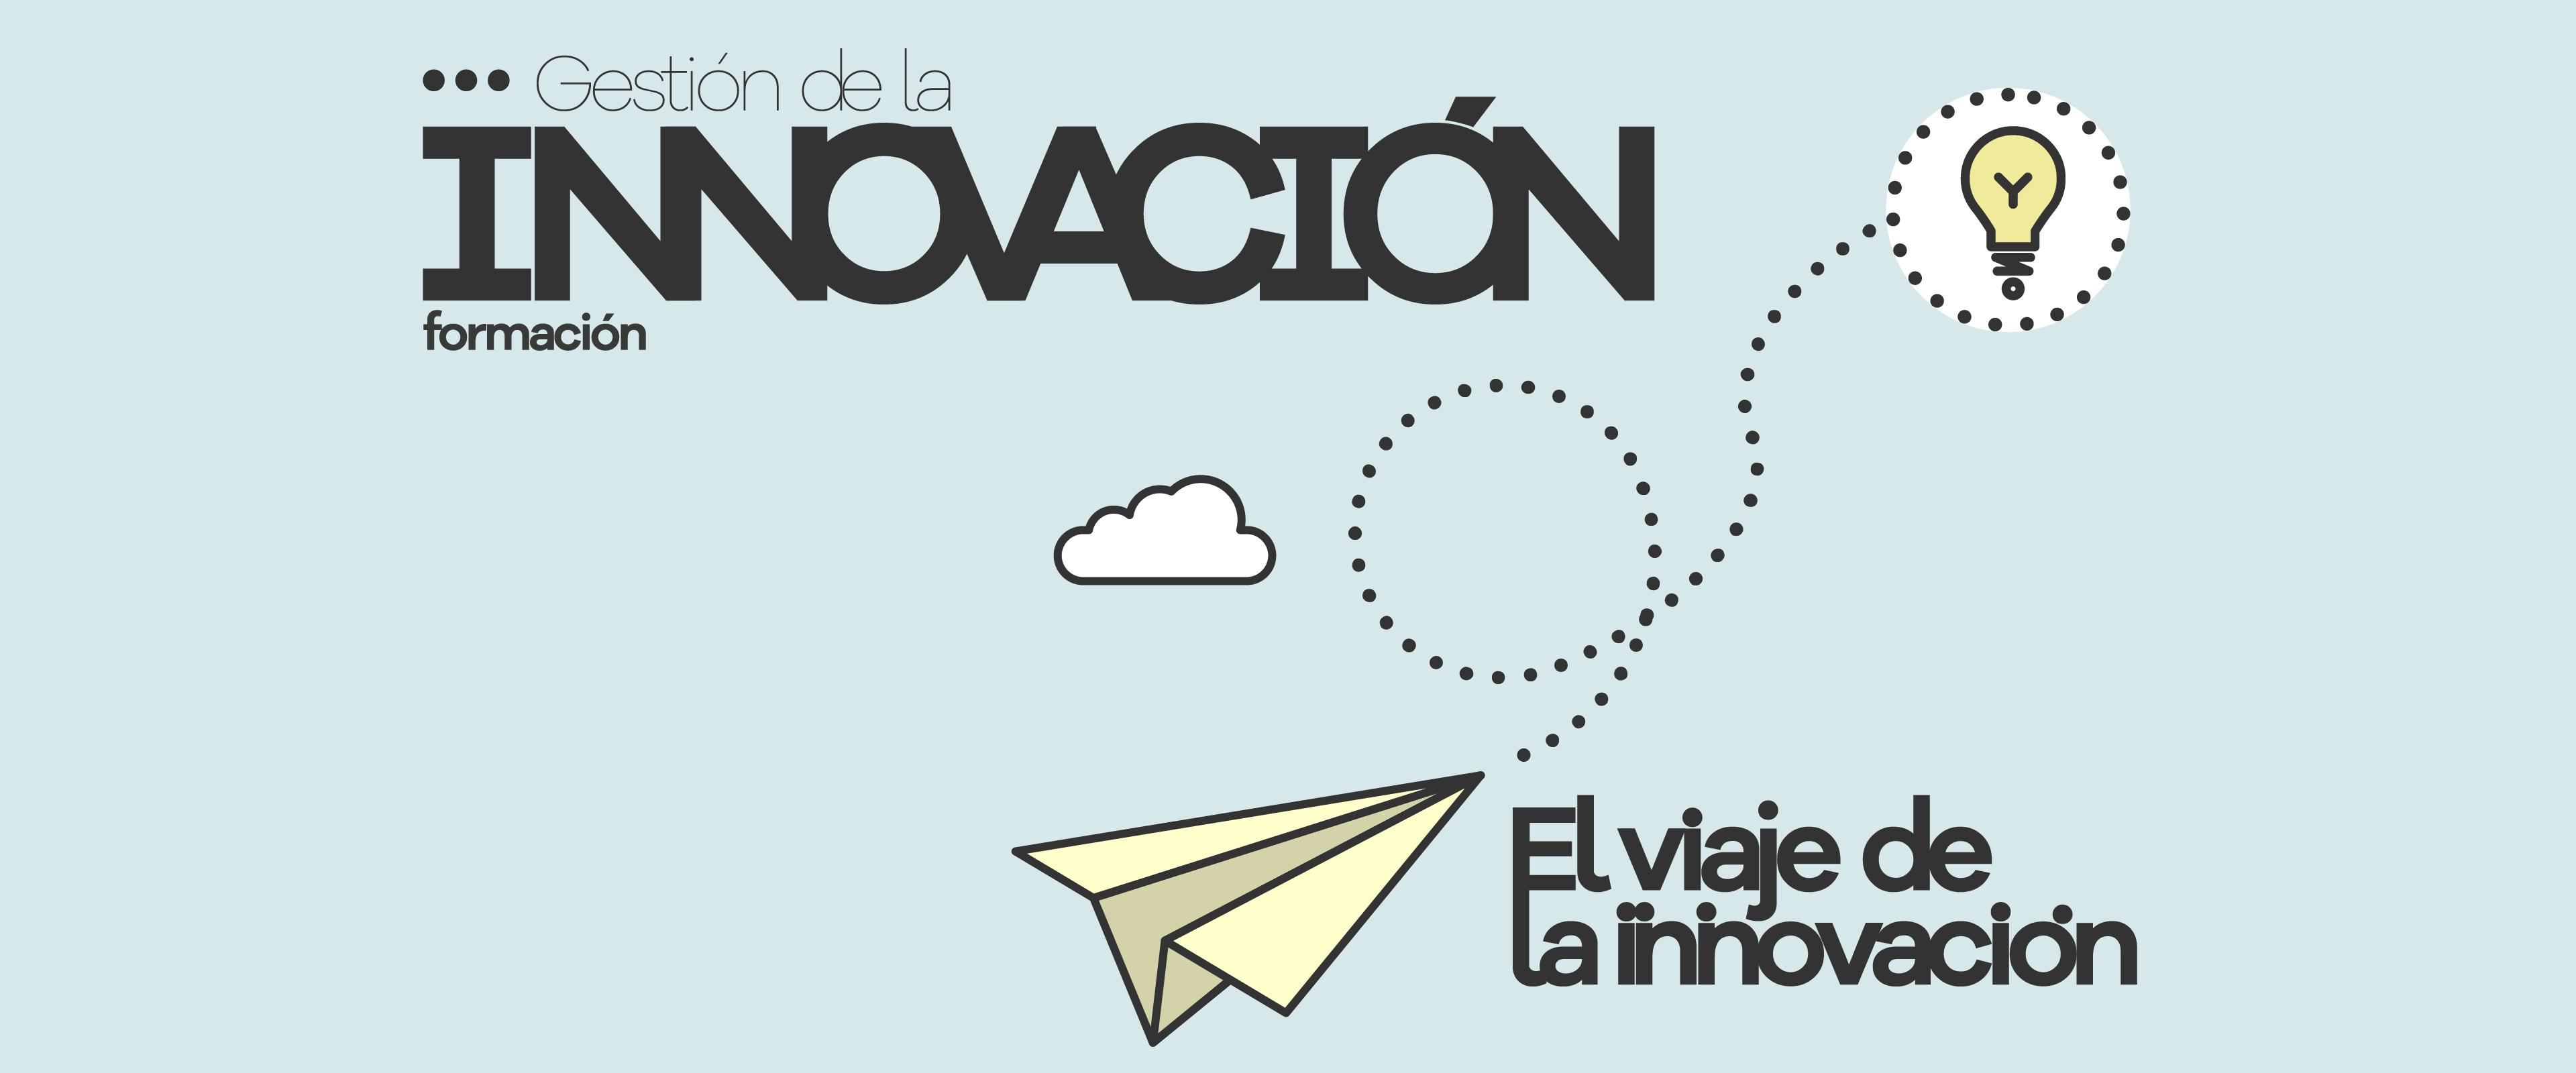 Imagen de referencia de Innovación